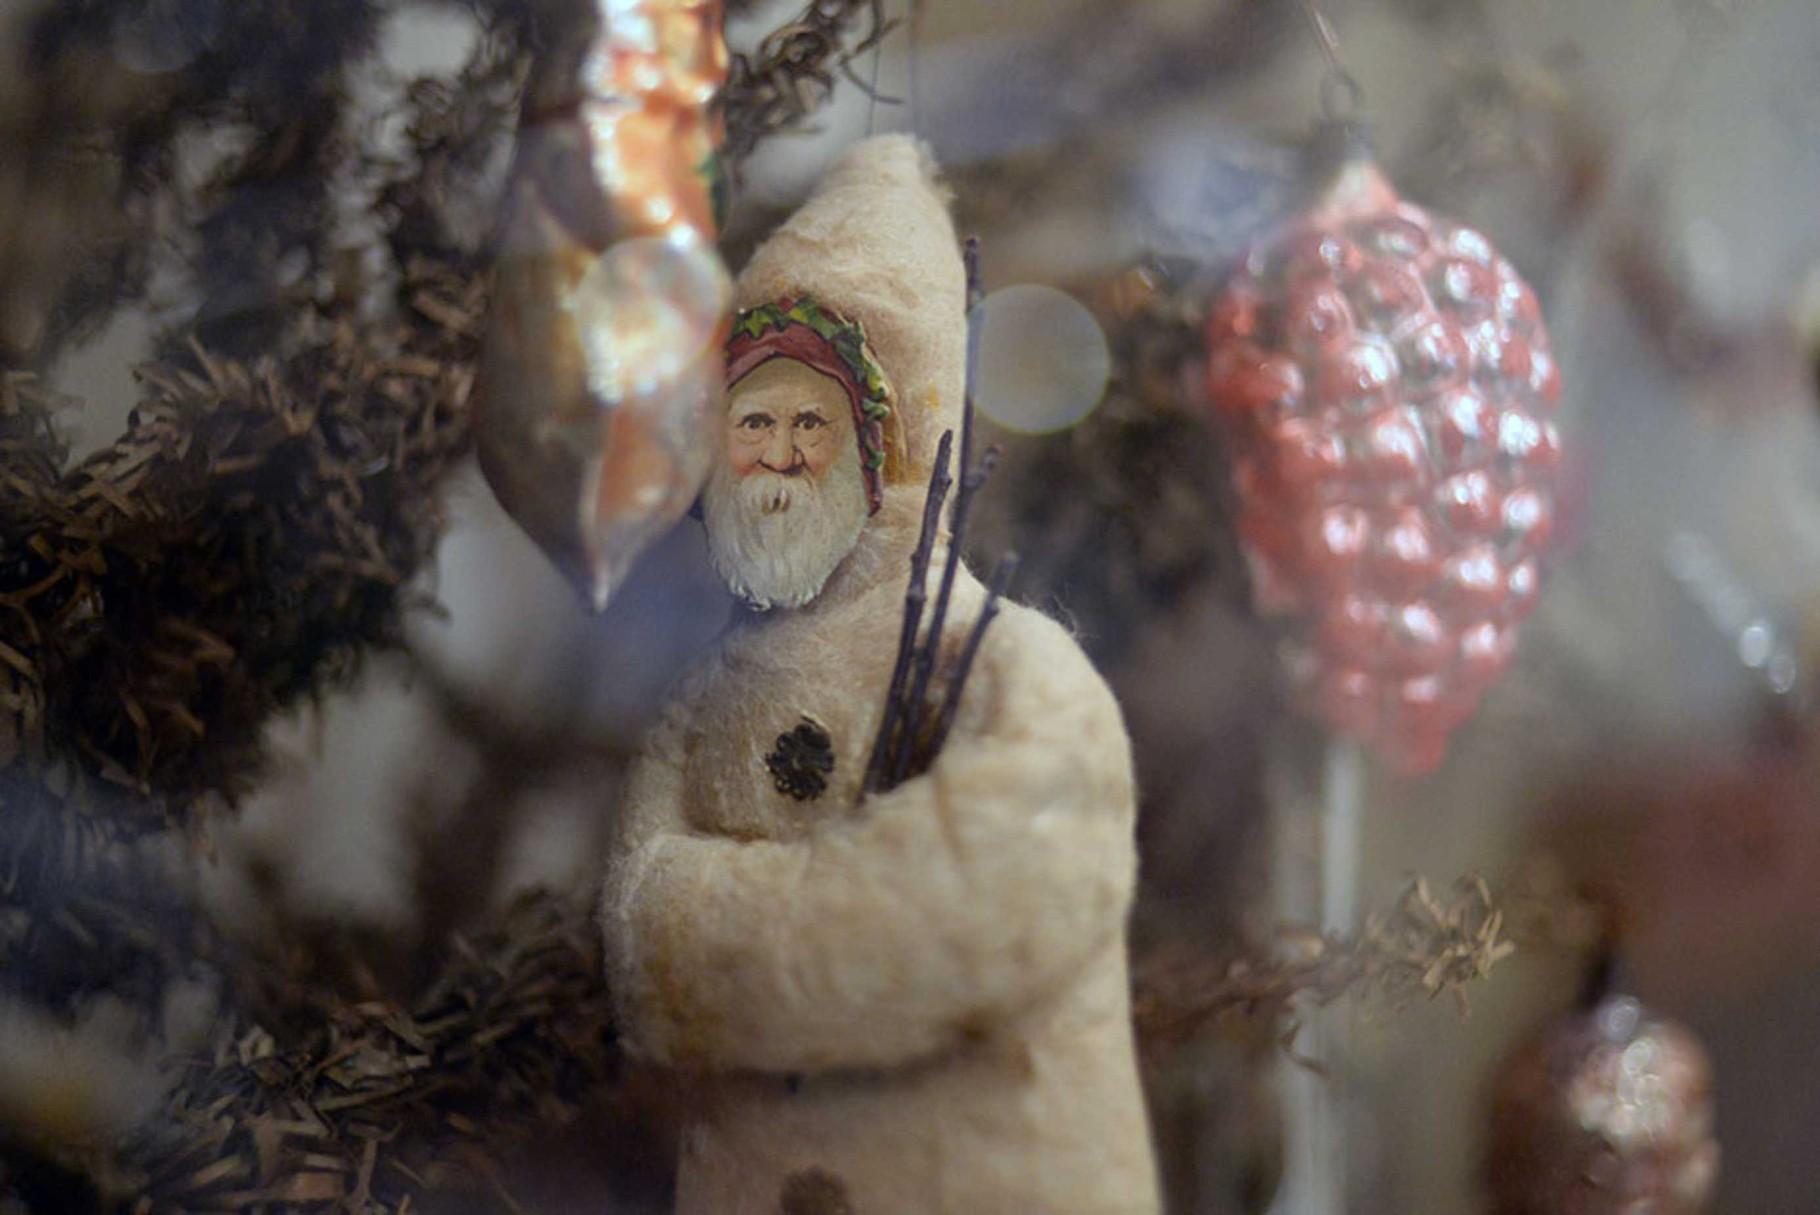 Рождественский дед. Вата. Конец XIX — начало XX вв.